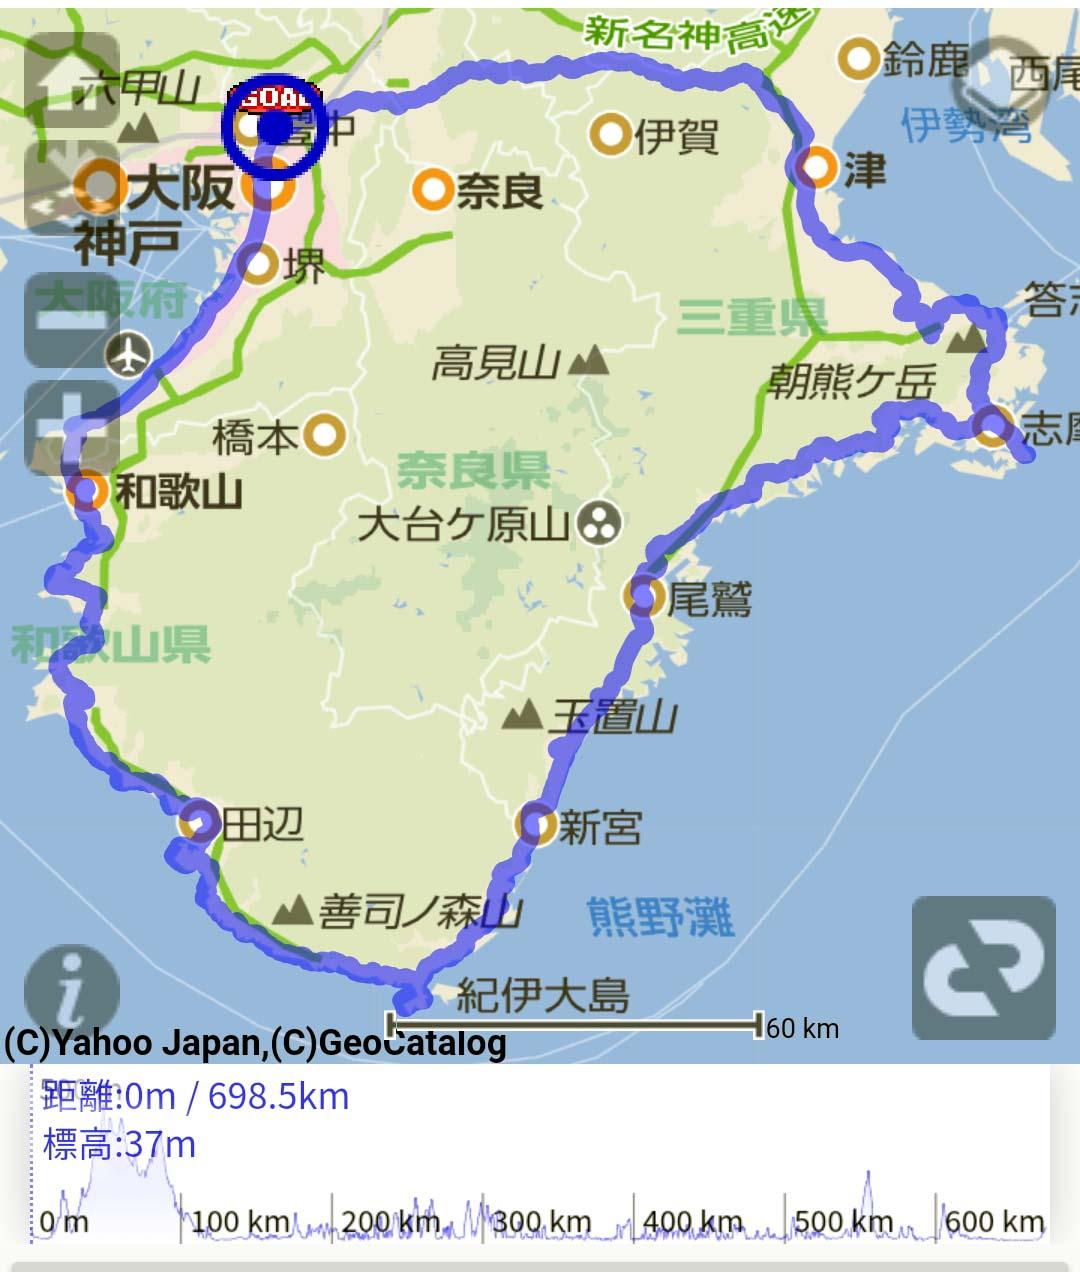 19.04.27~05.01 紀伊半島一周サイクリング